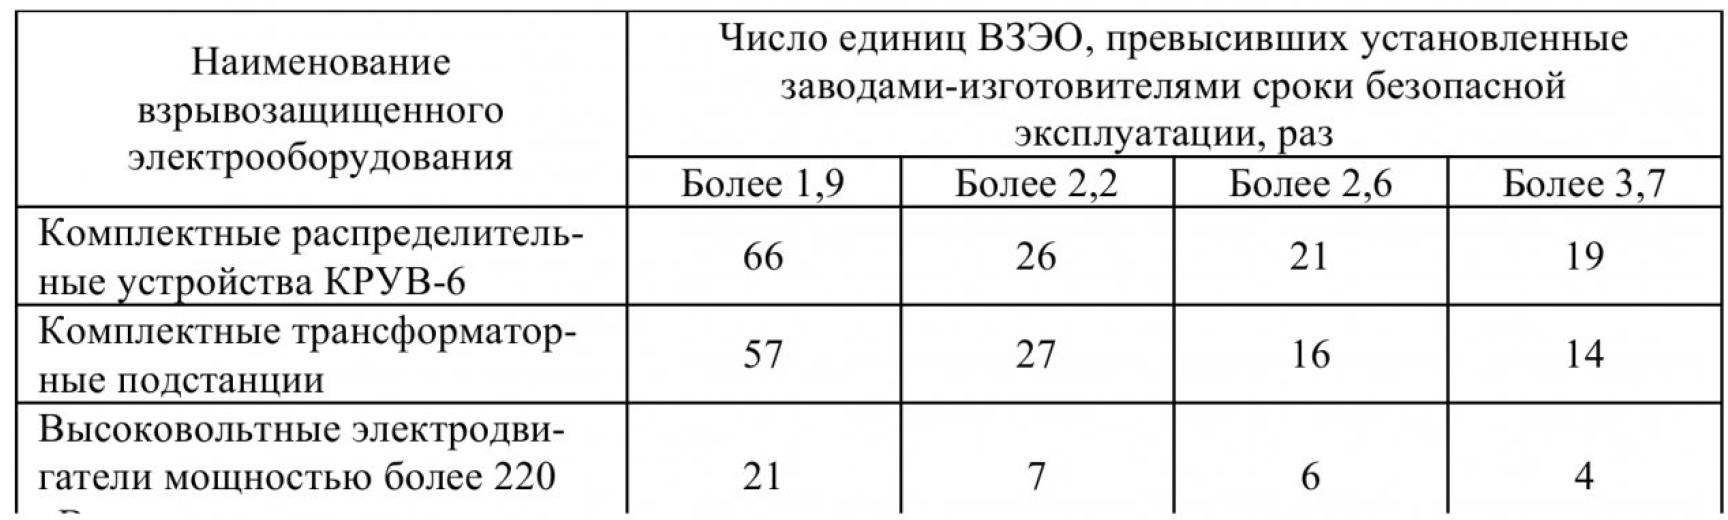 Таблица 1 – Фактические сроки эксплуатации высоковольтного взрывозащищенного электрооборудования